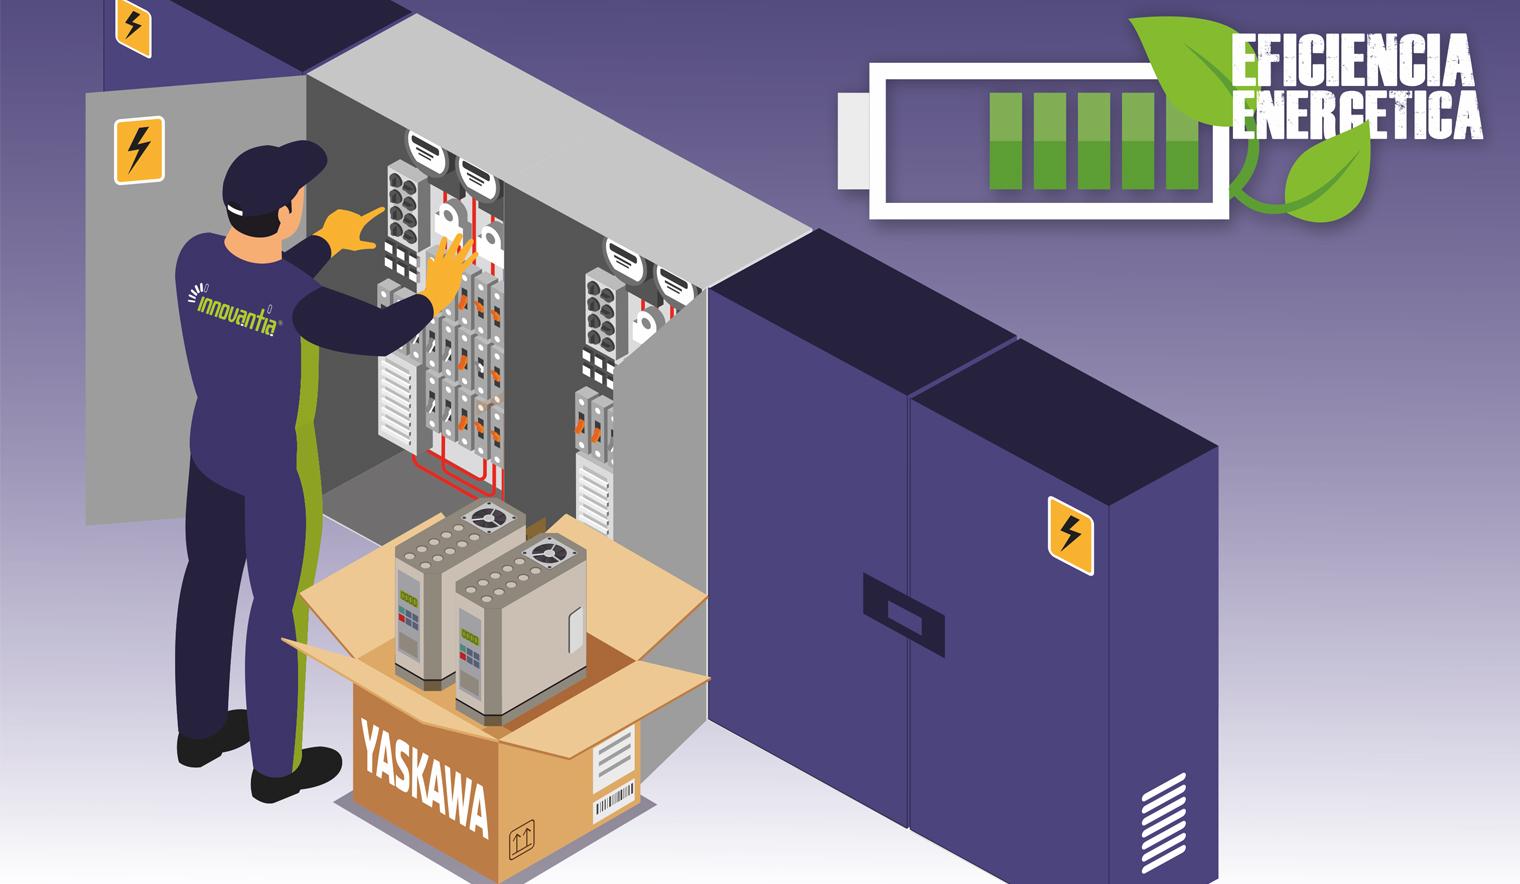 Menor consumo energético y mayor rendimiento productivo para el sector metalúrgico